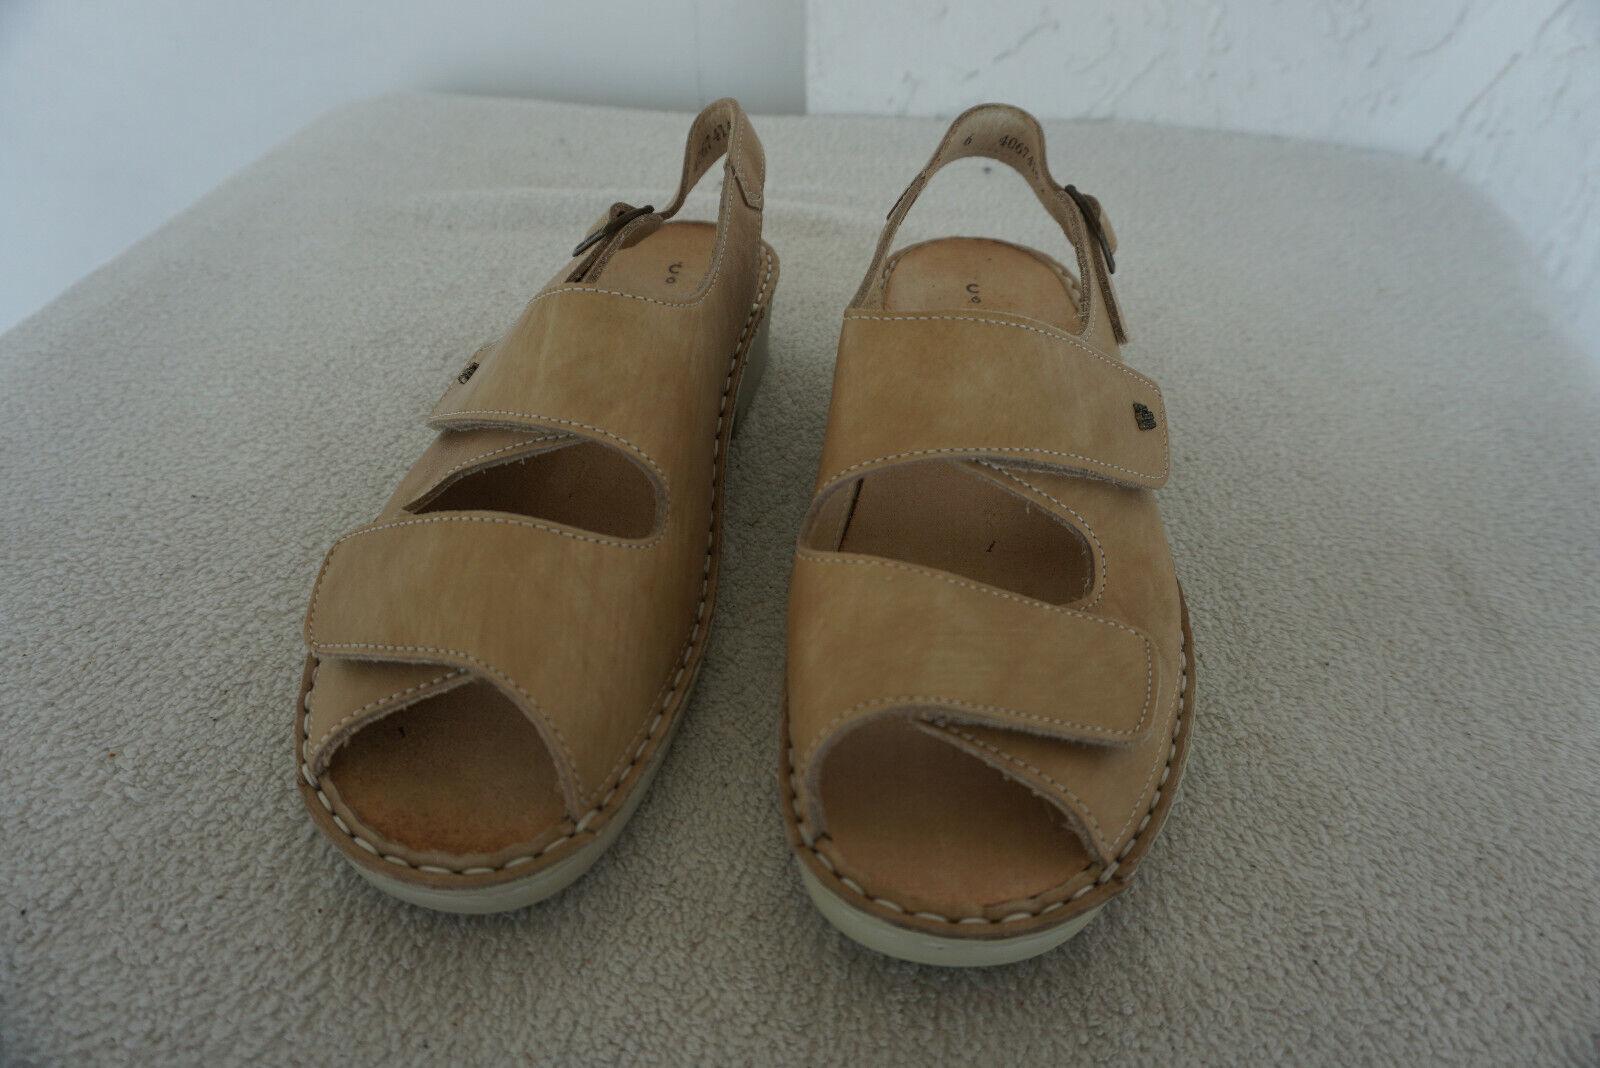 FINN COMFORT TAHITI Schuhe Sandalen clogs mit Einlagen Gr.6  39 Beige Leder NEU